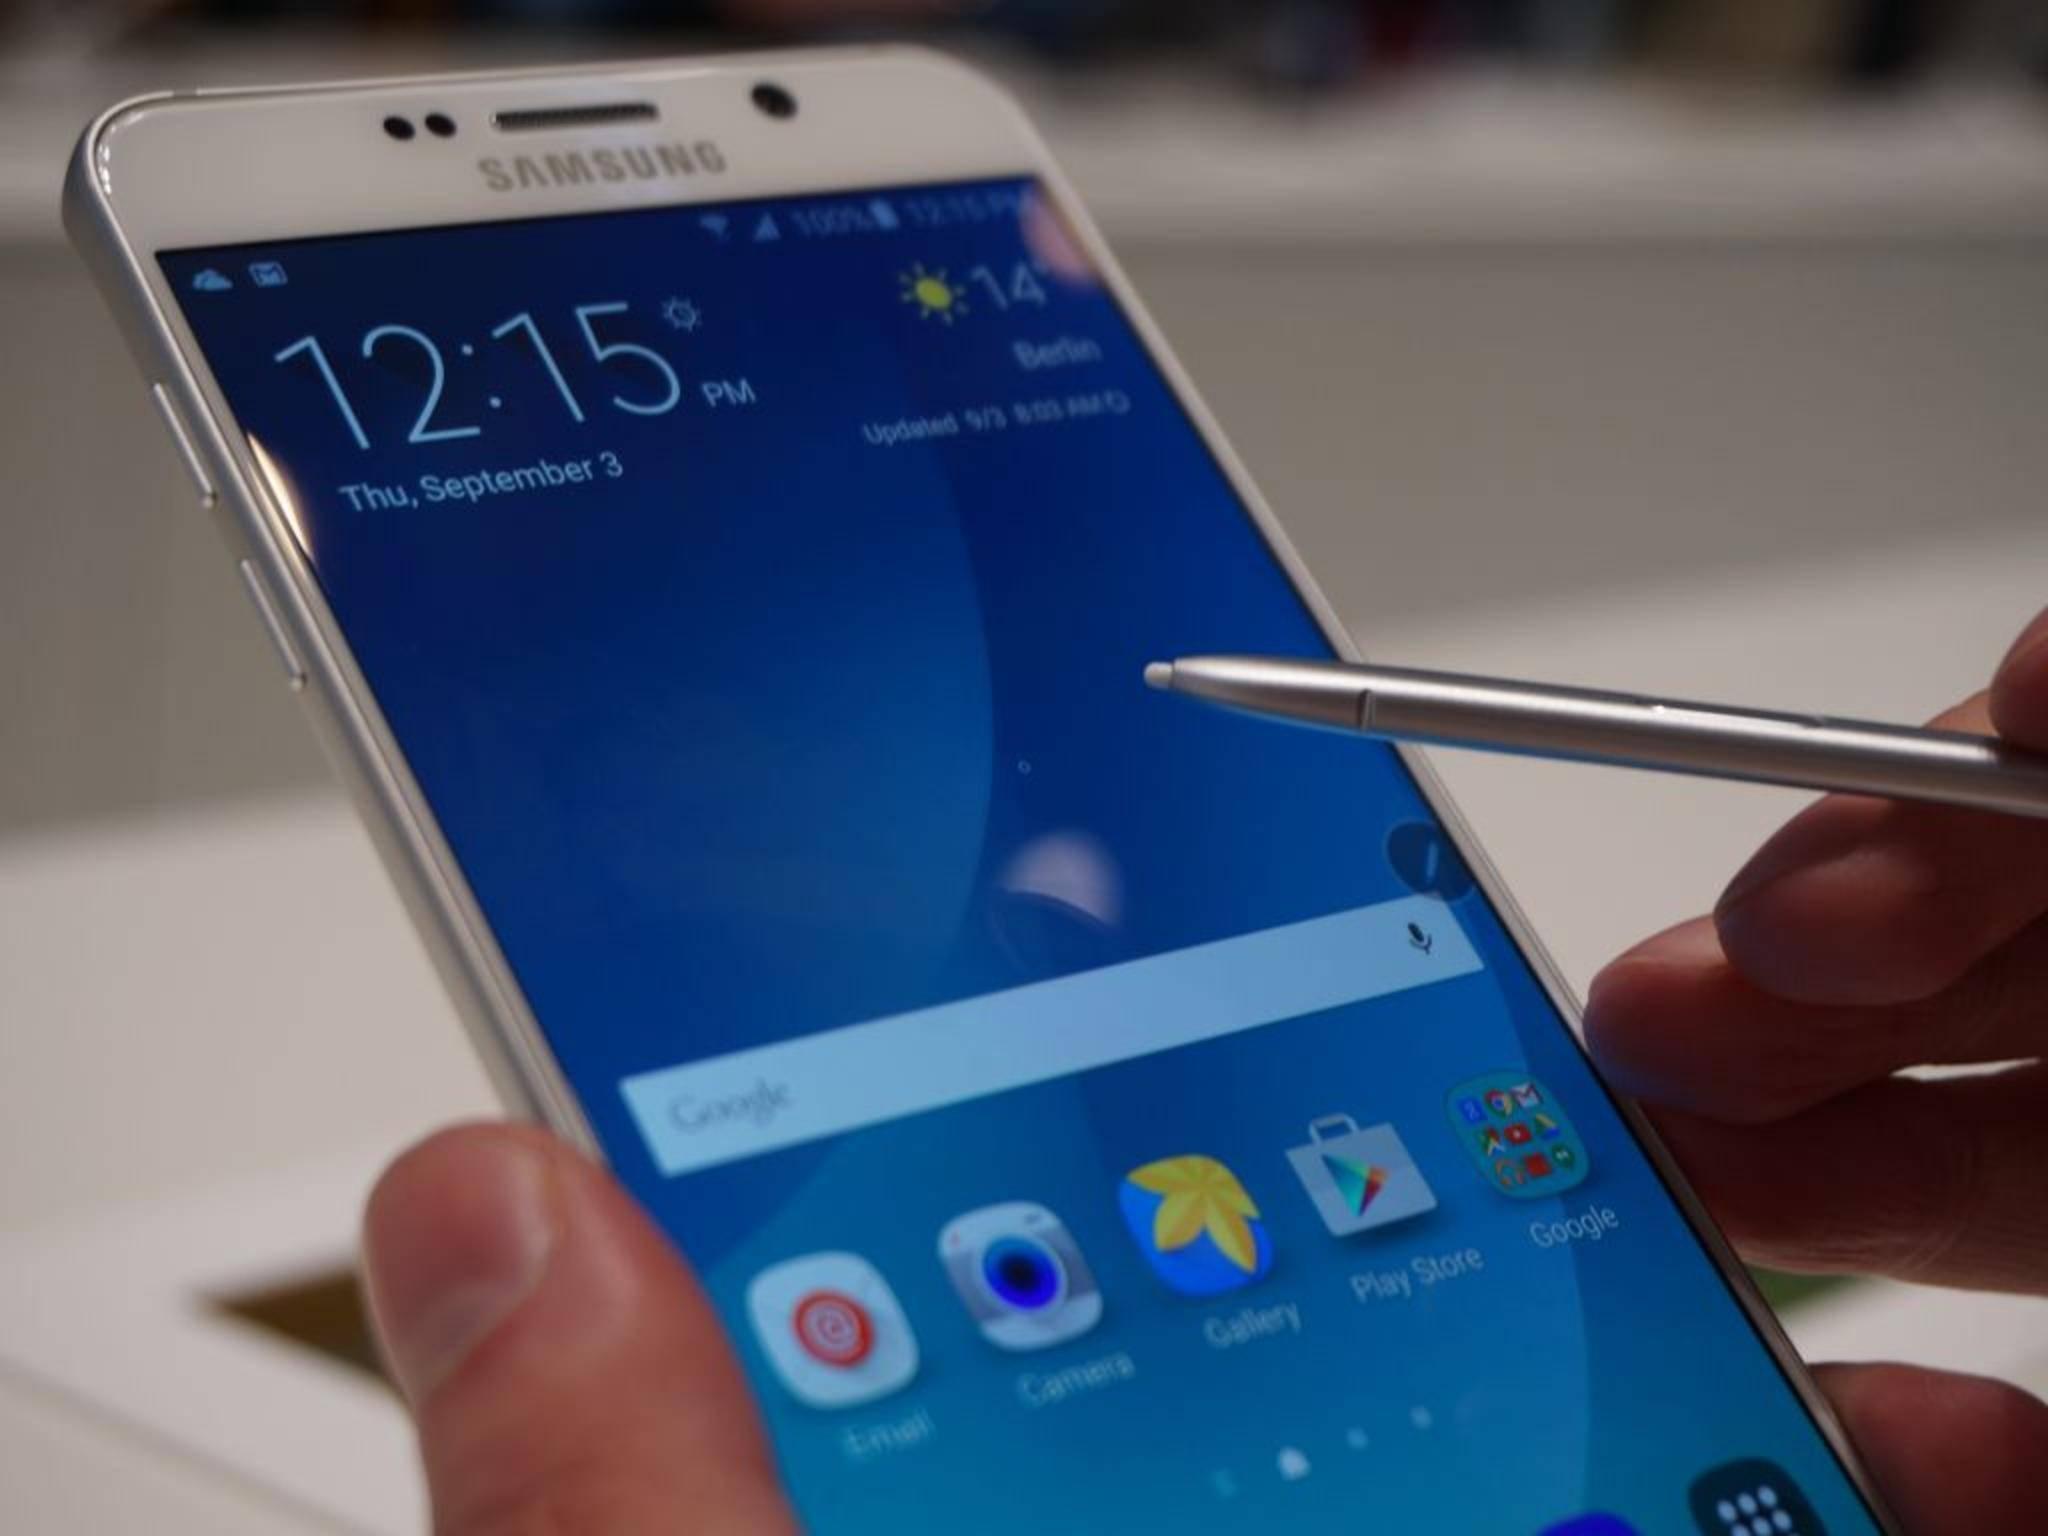 Stylus-Support sollte es für alle Smartphones geben.